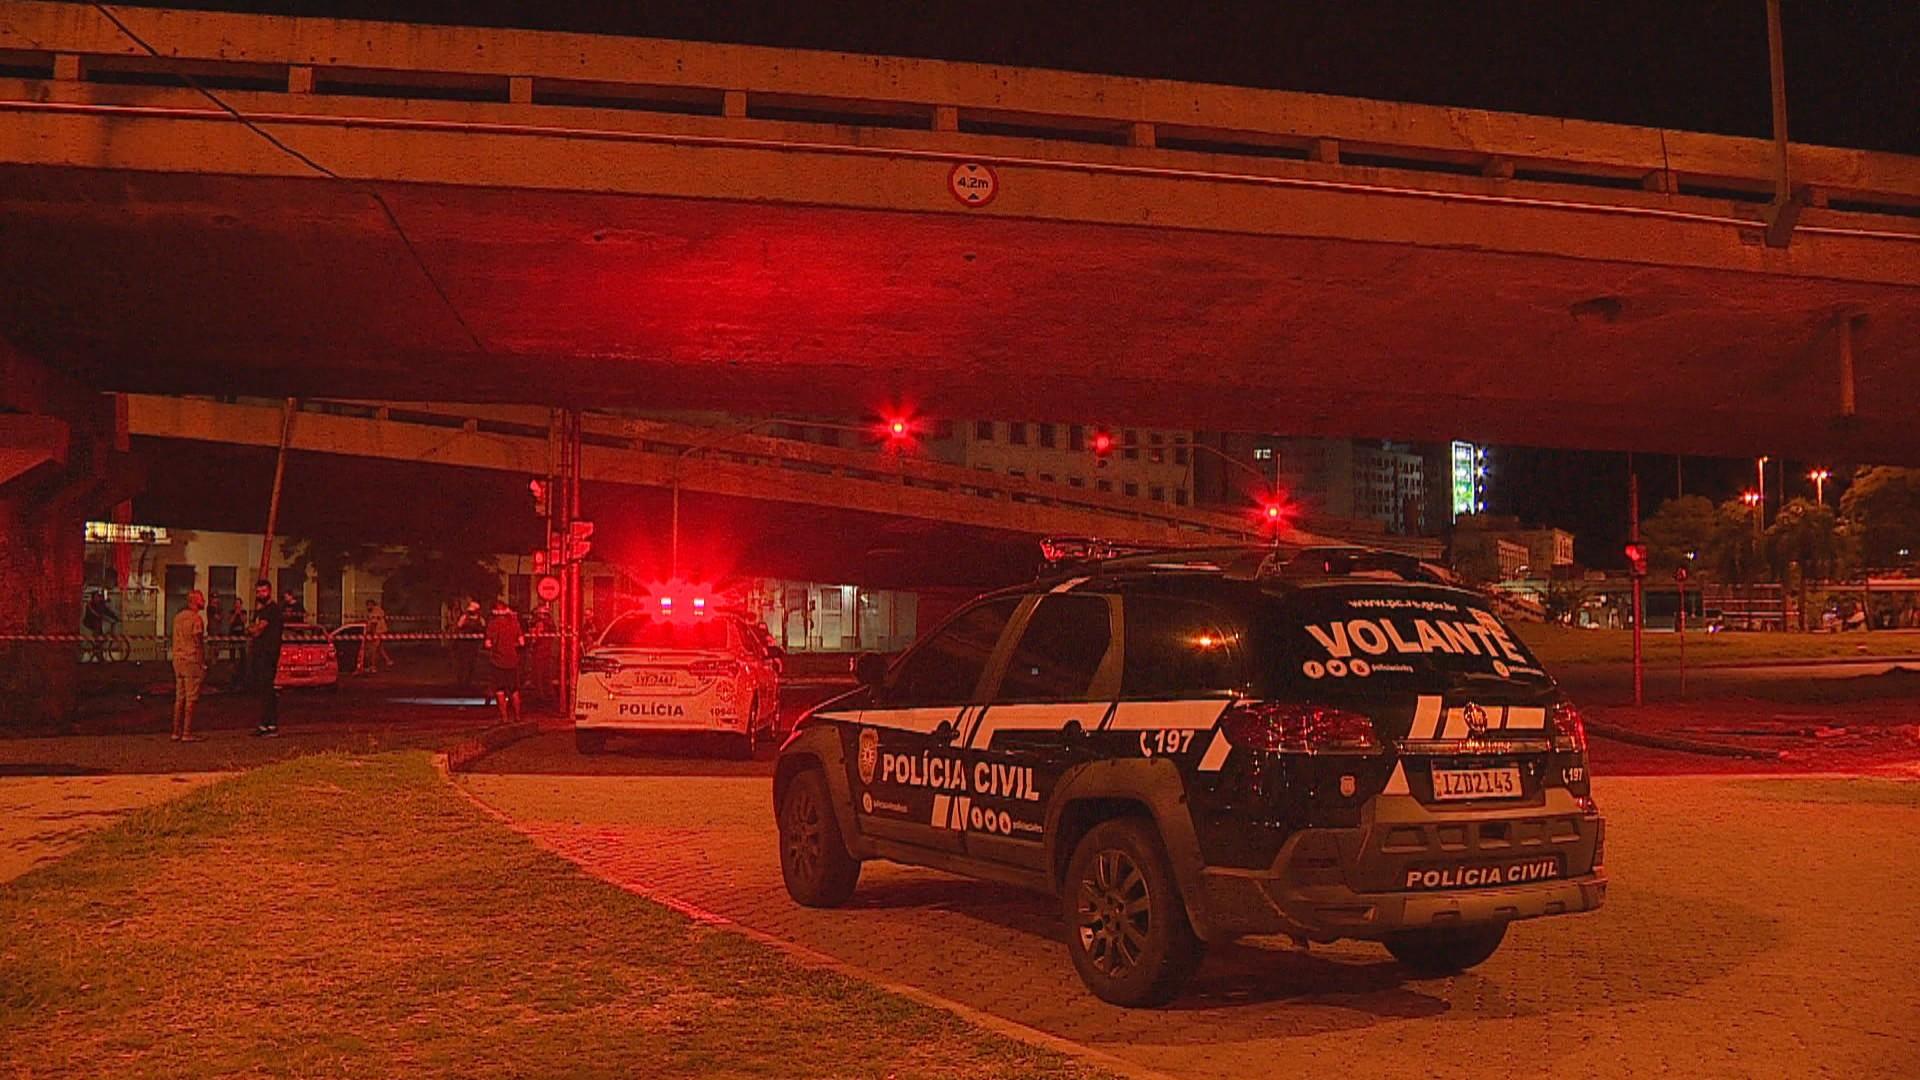 Três pessoas morrem em acidente de trânsito após perseguição policial em Porto Alegre